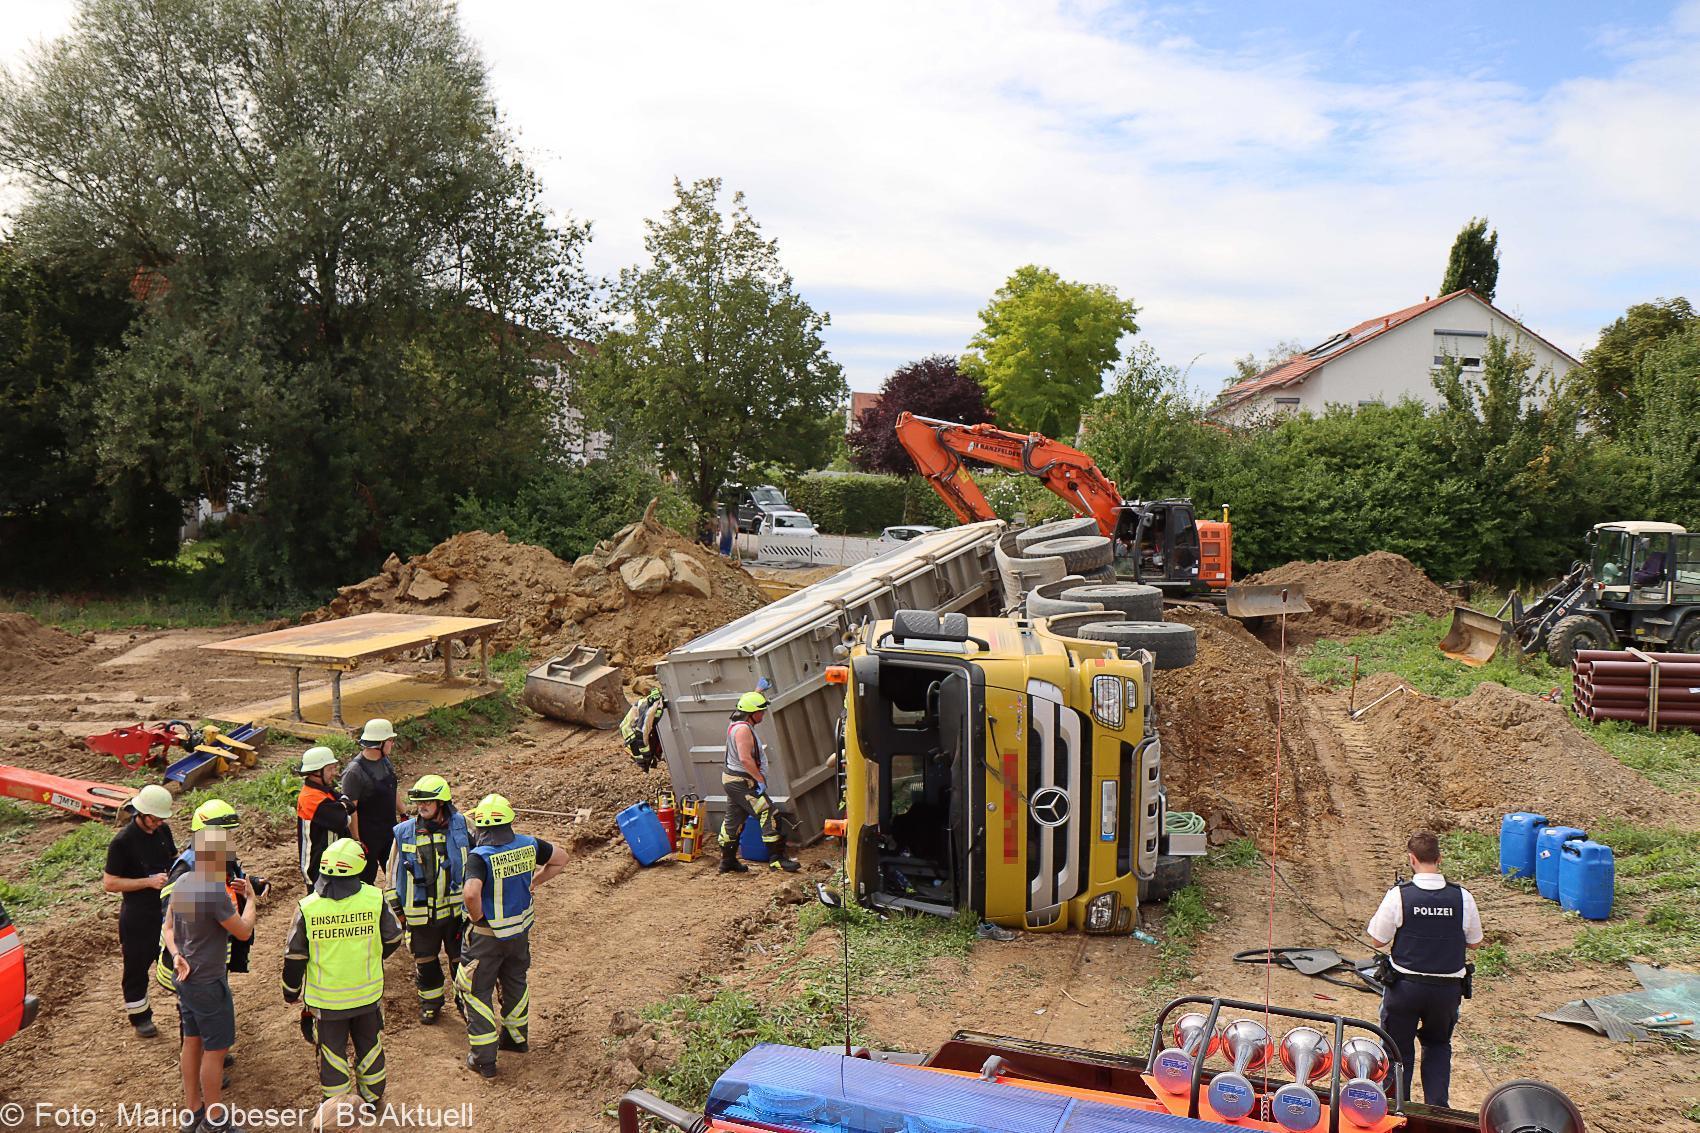 Unfall Baustelle Guenzburg Lkw gekippt 25082020 7